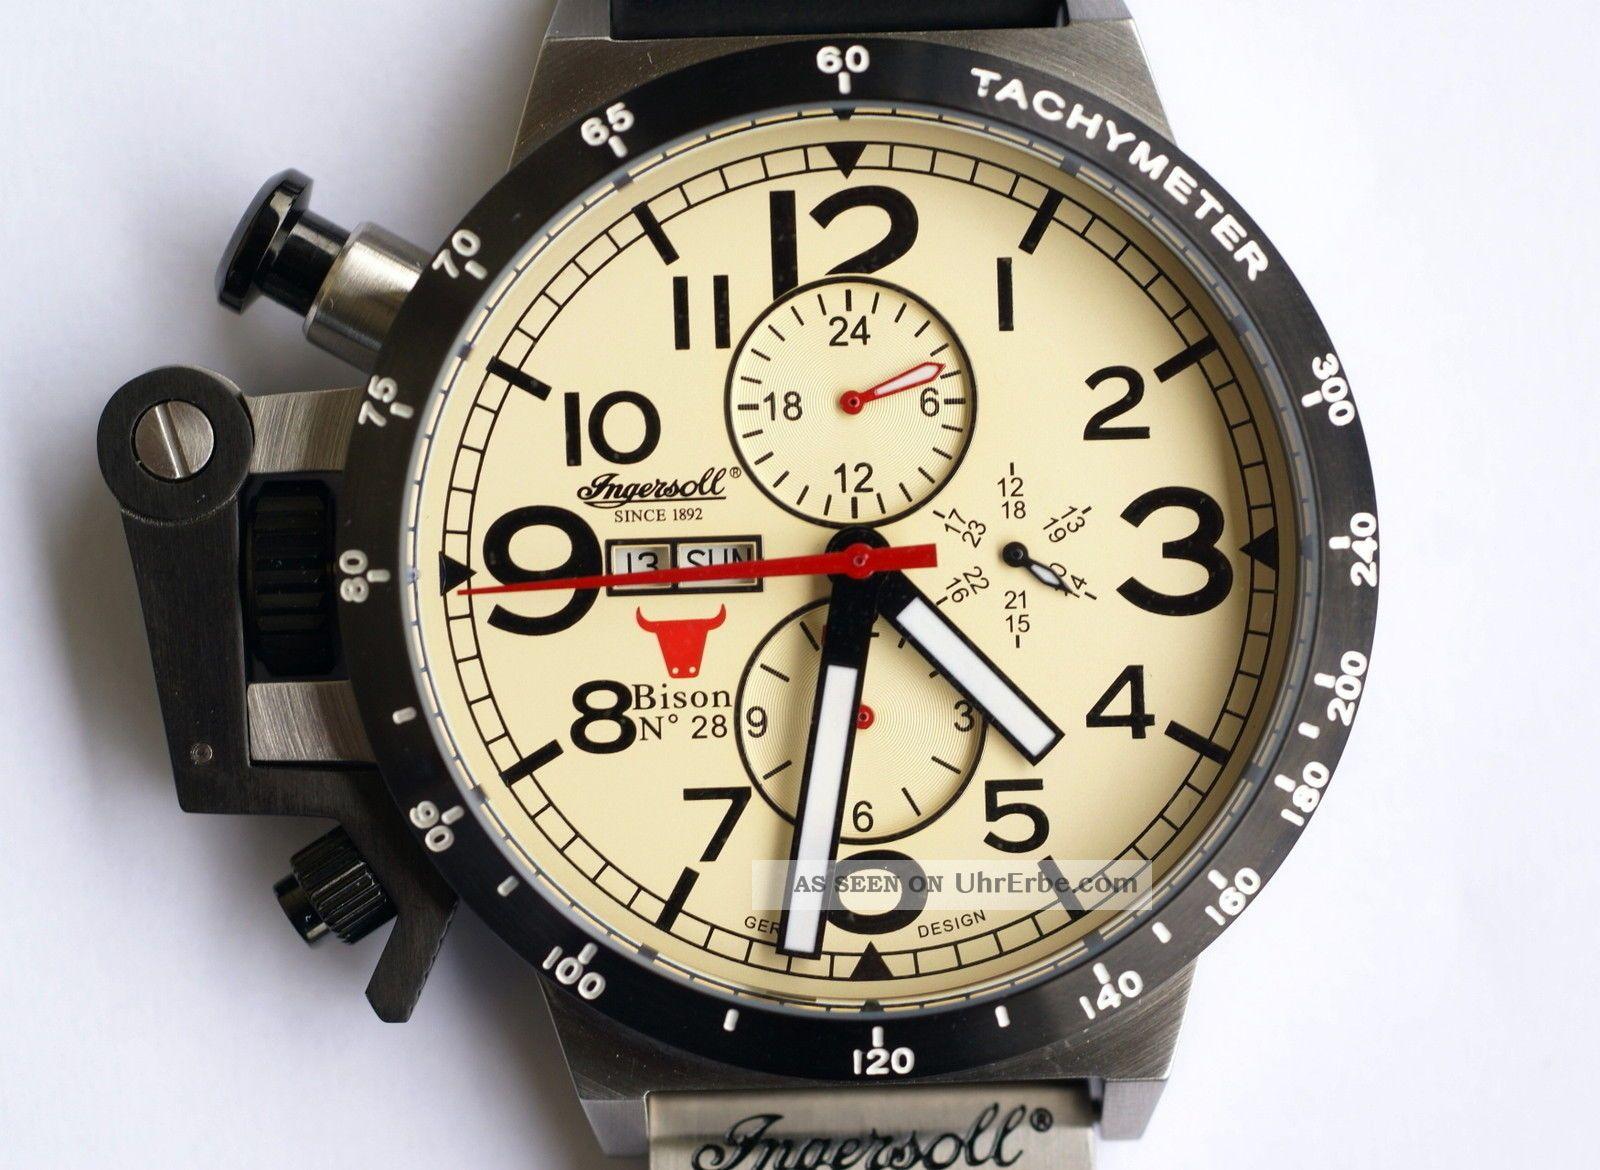 Ingersoll Bison No.  28 - In1607cr Armbanduhren Bild